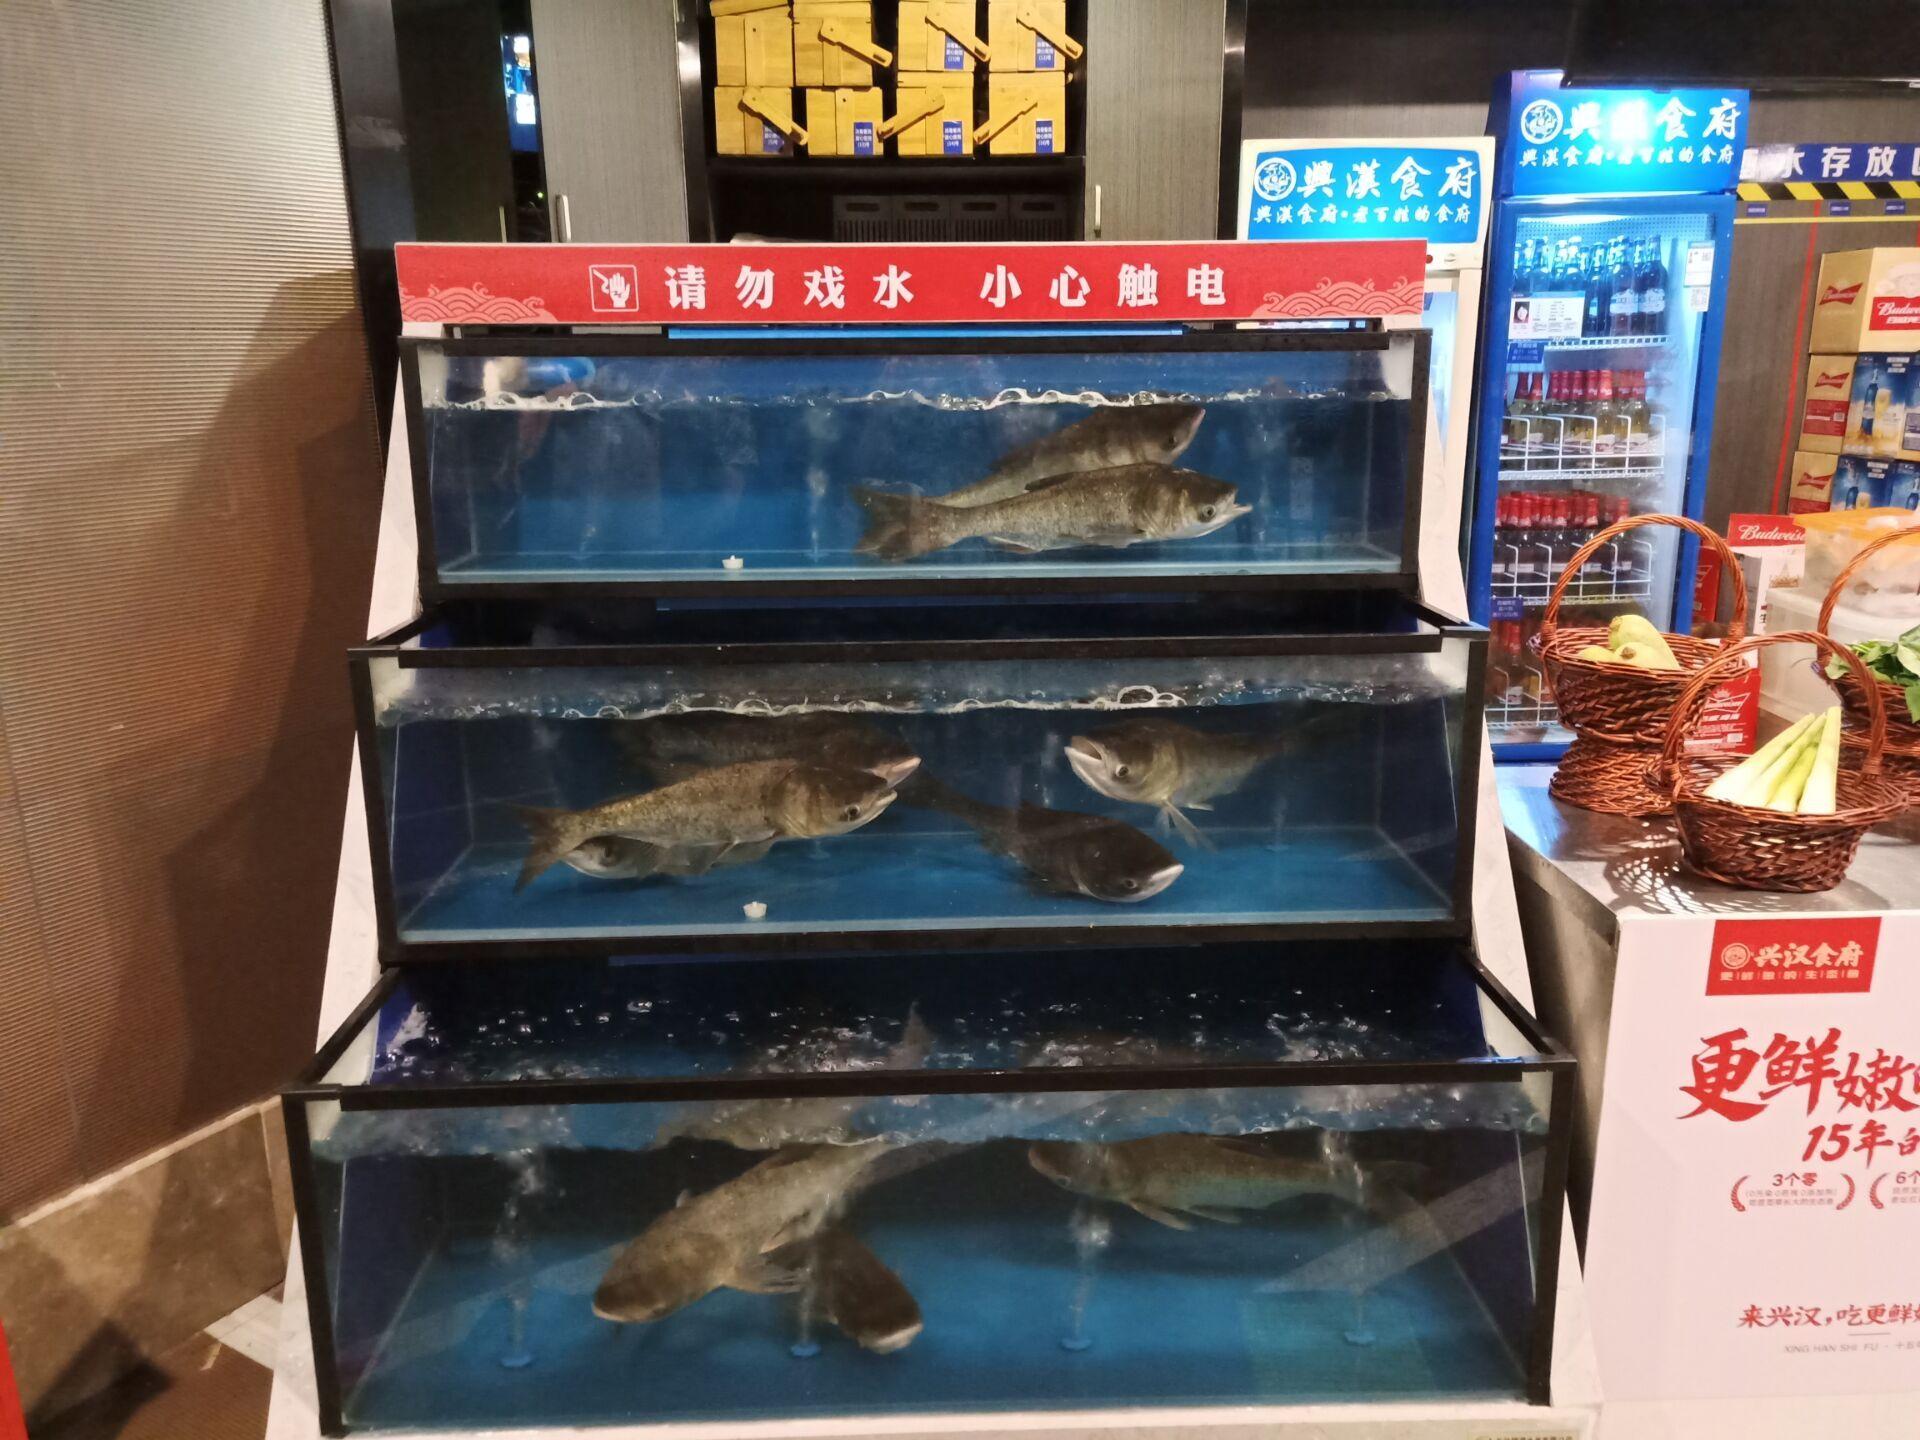 超市鱼缸制作 张家界简易鱼缸工程